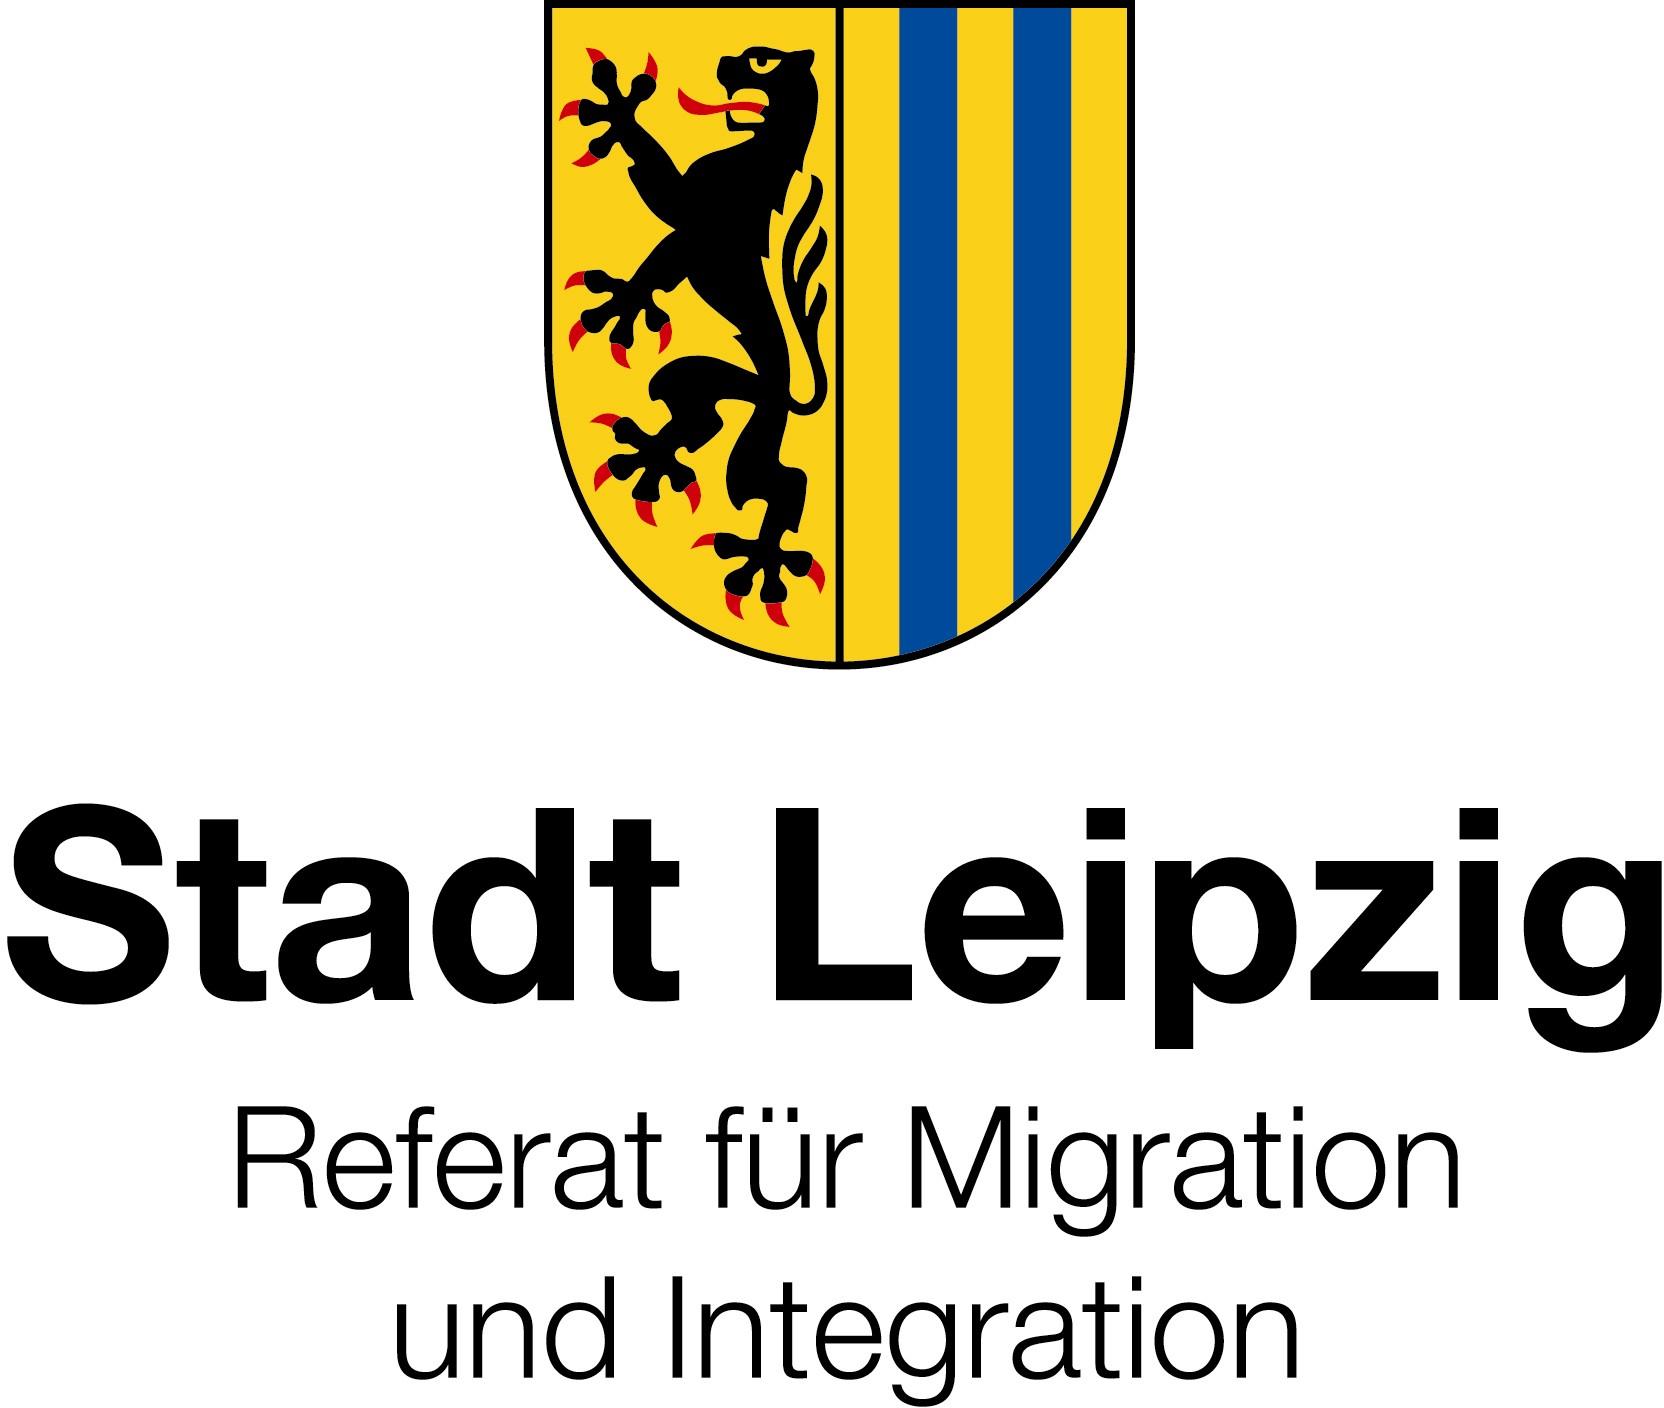 Wa-m-4c-18 Referat für Migration und Integration